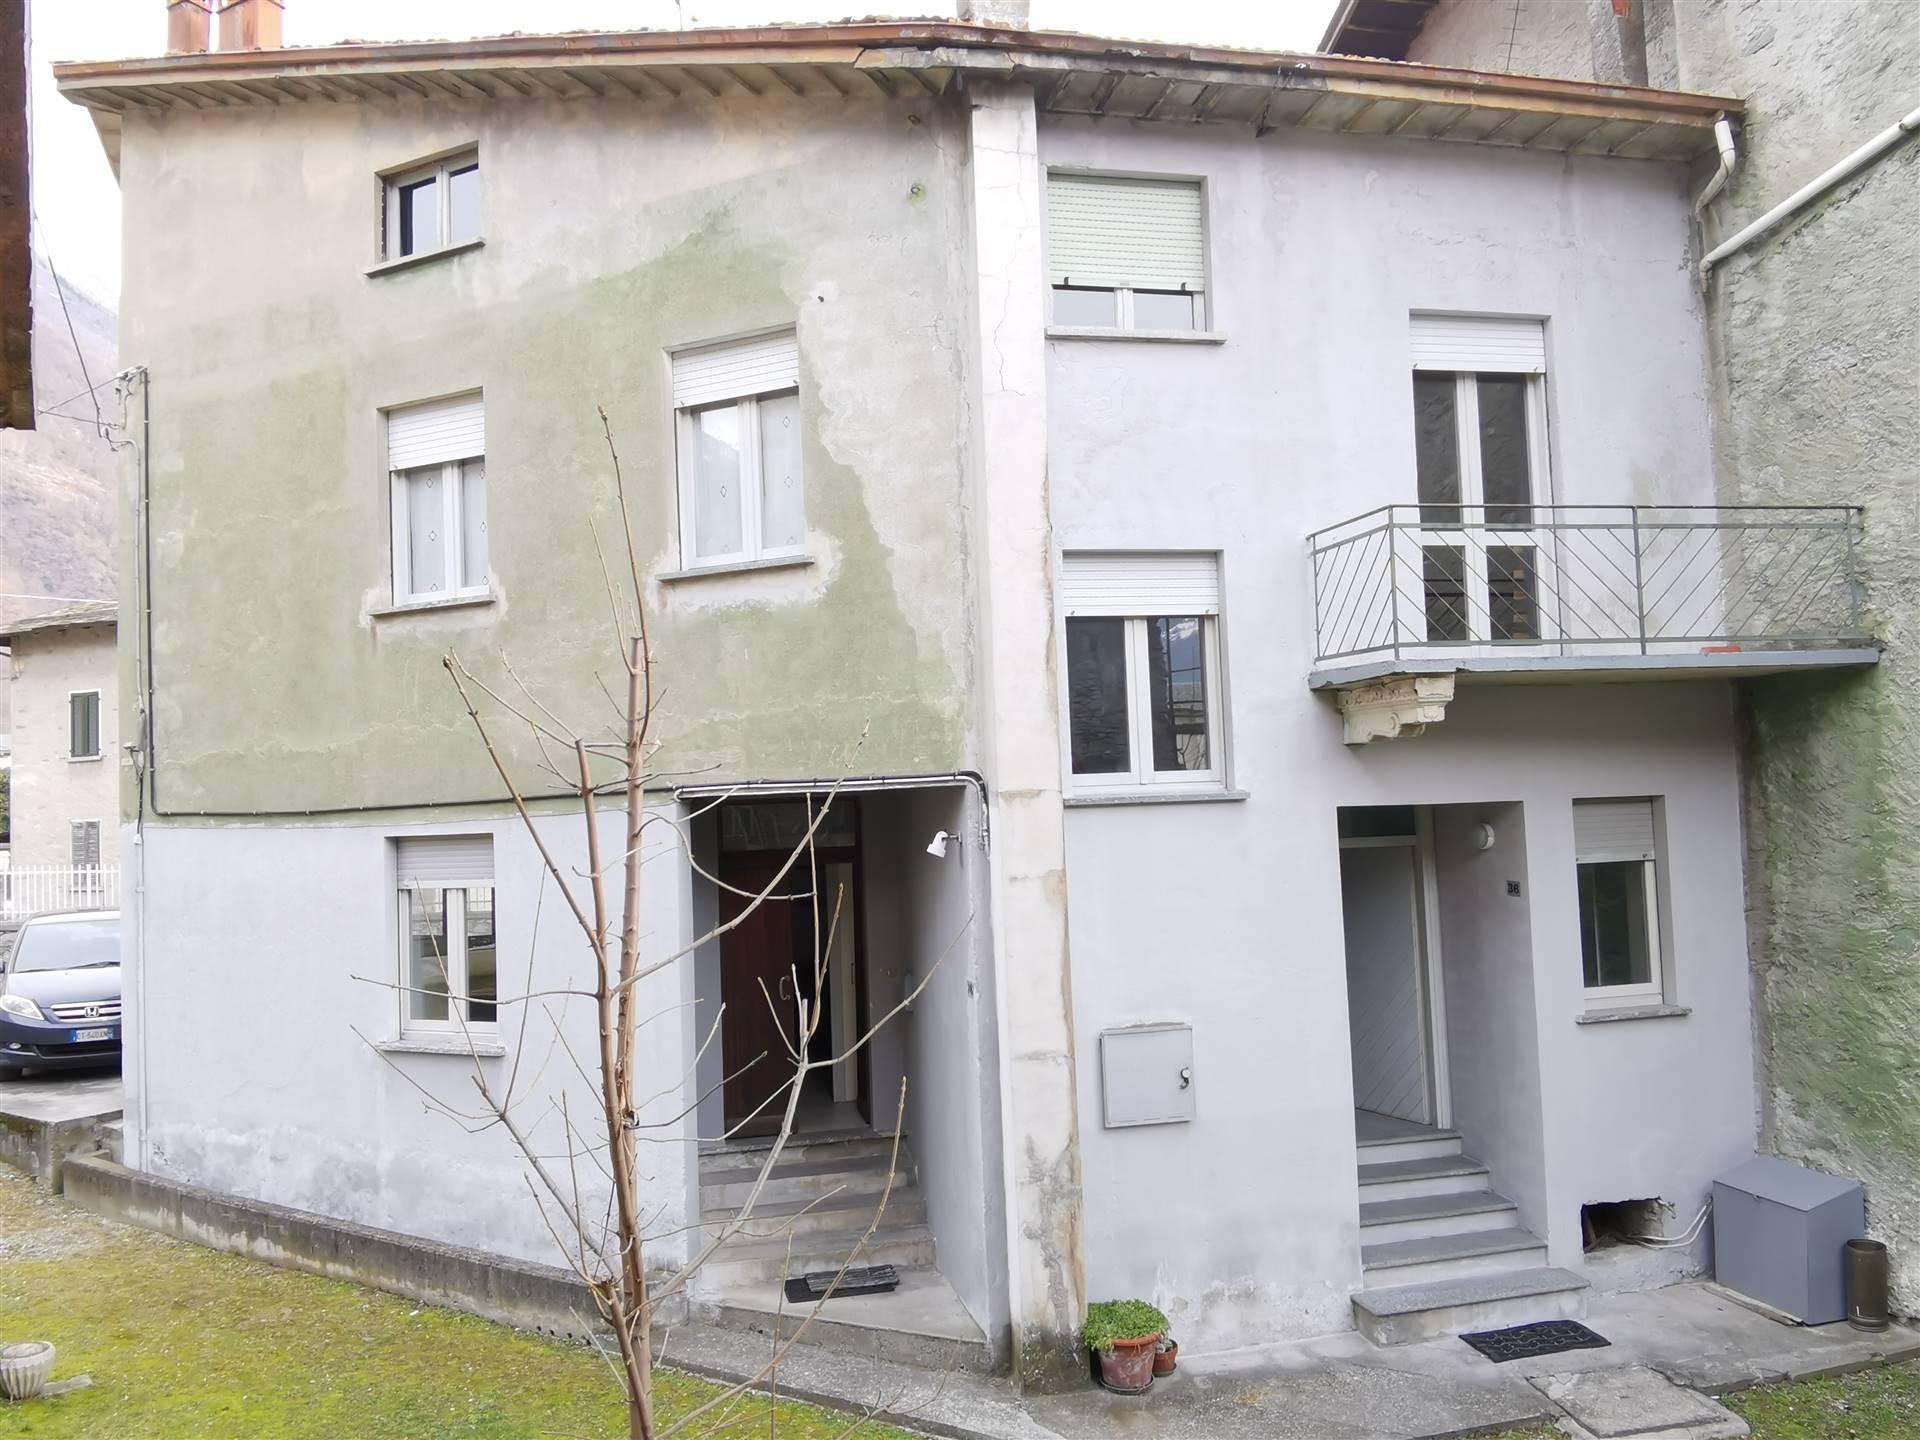 Soluzione Semindipendente in vendita a Ardenno, 9 locali, zona Zona: Masino, prezzo € 70.000   CambioCasa.it